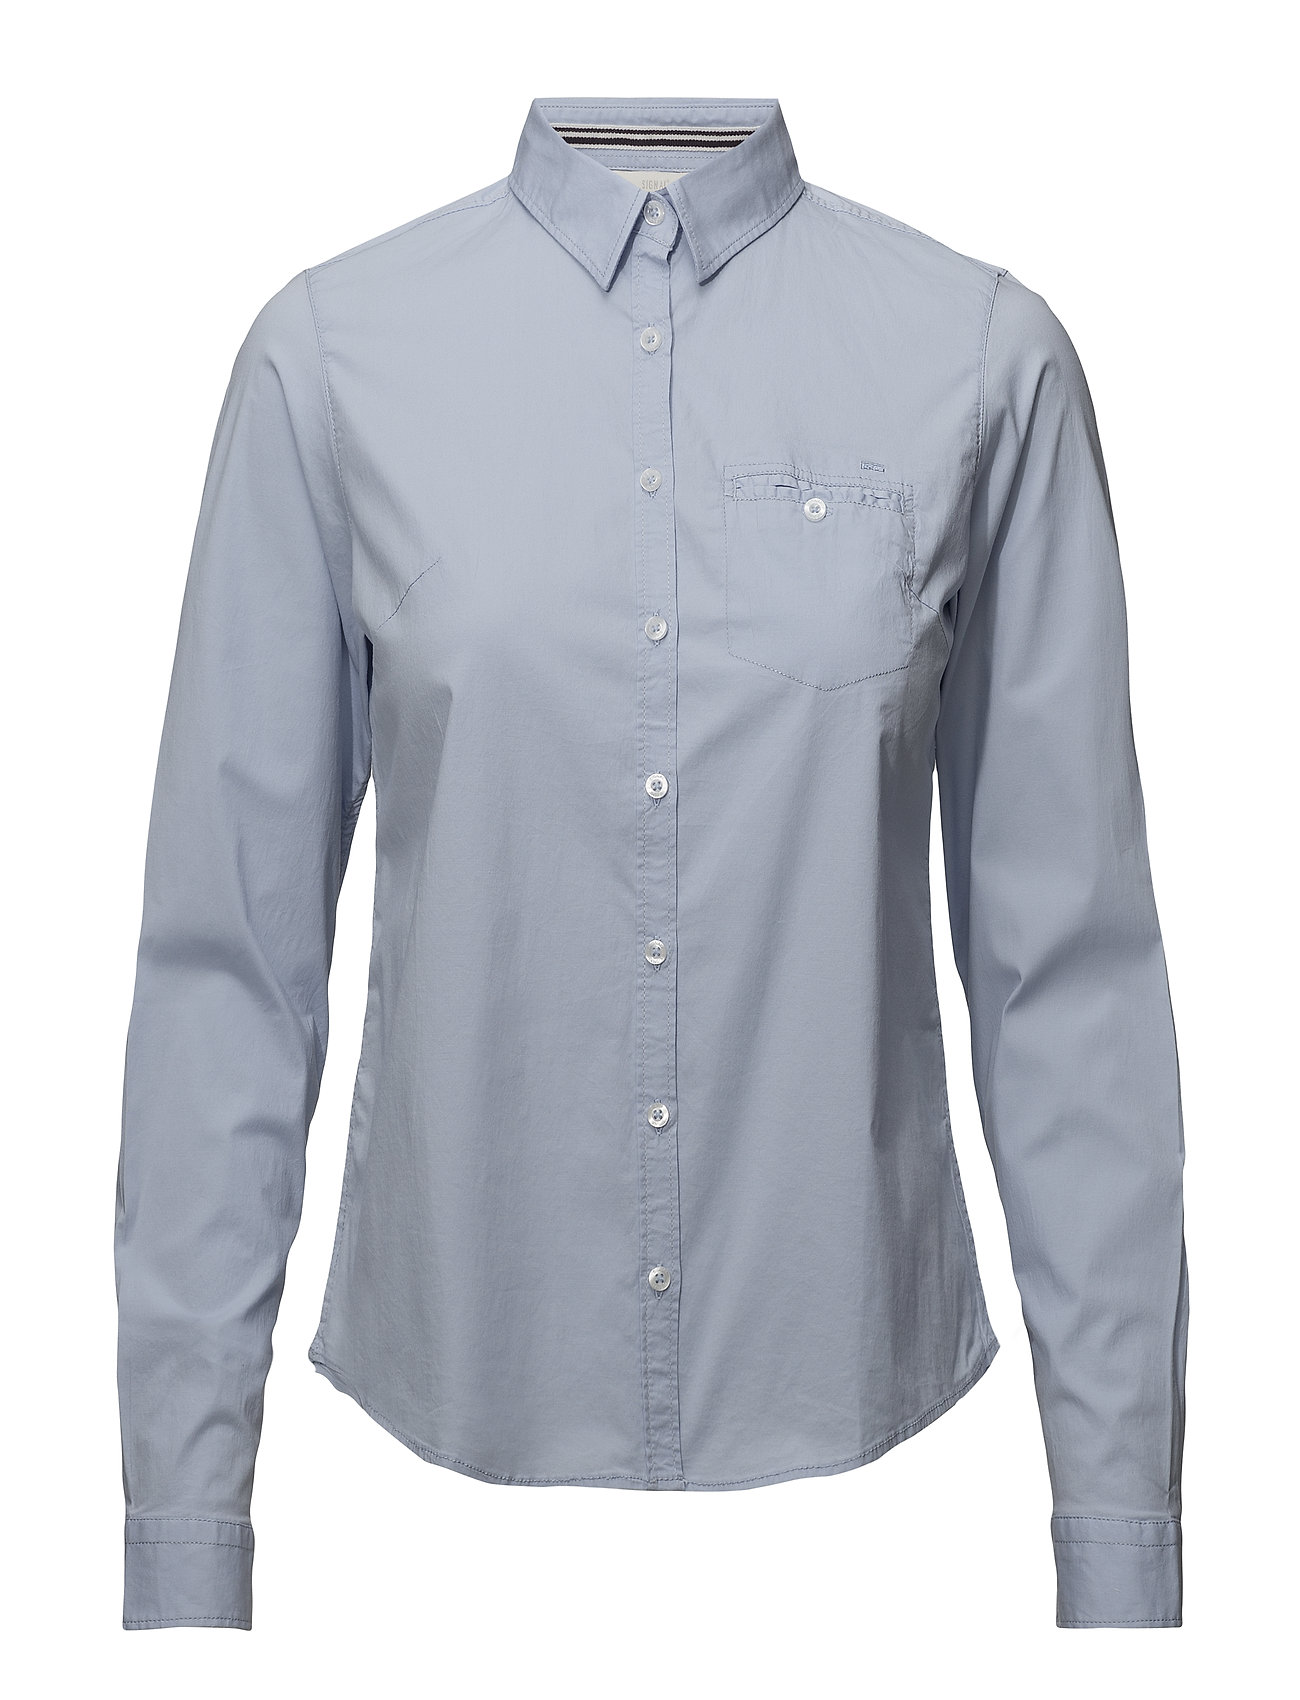 L Shirtskentucky BlueSignal s Shirtskentucky Shirtskentucky BlueSignal s s L L mNwn08